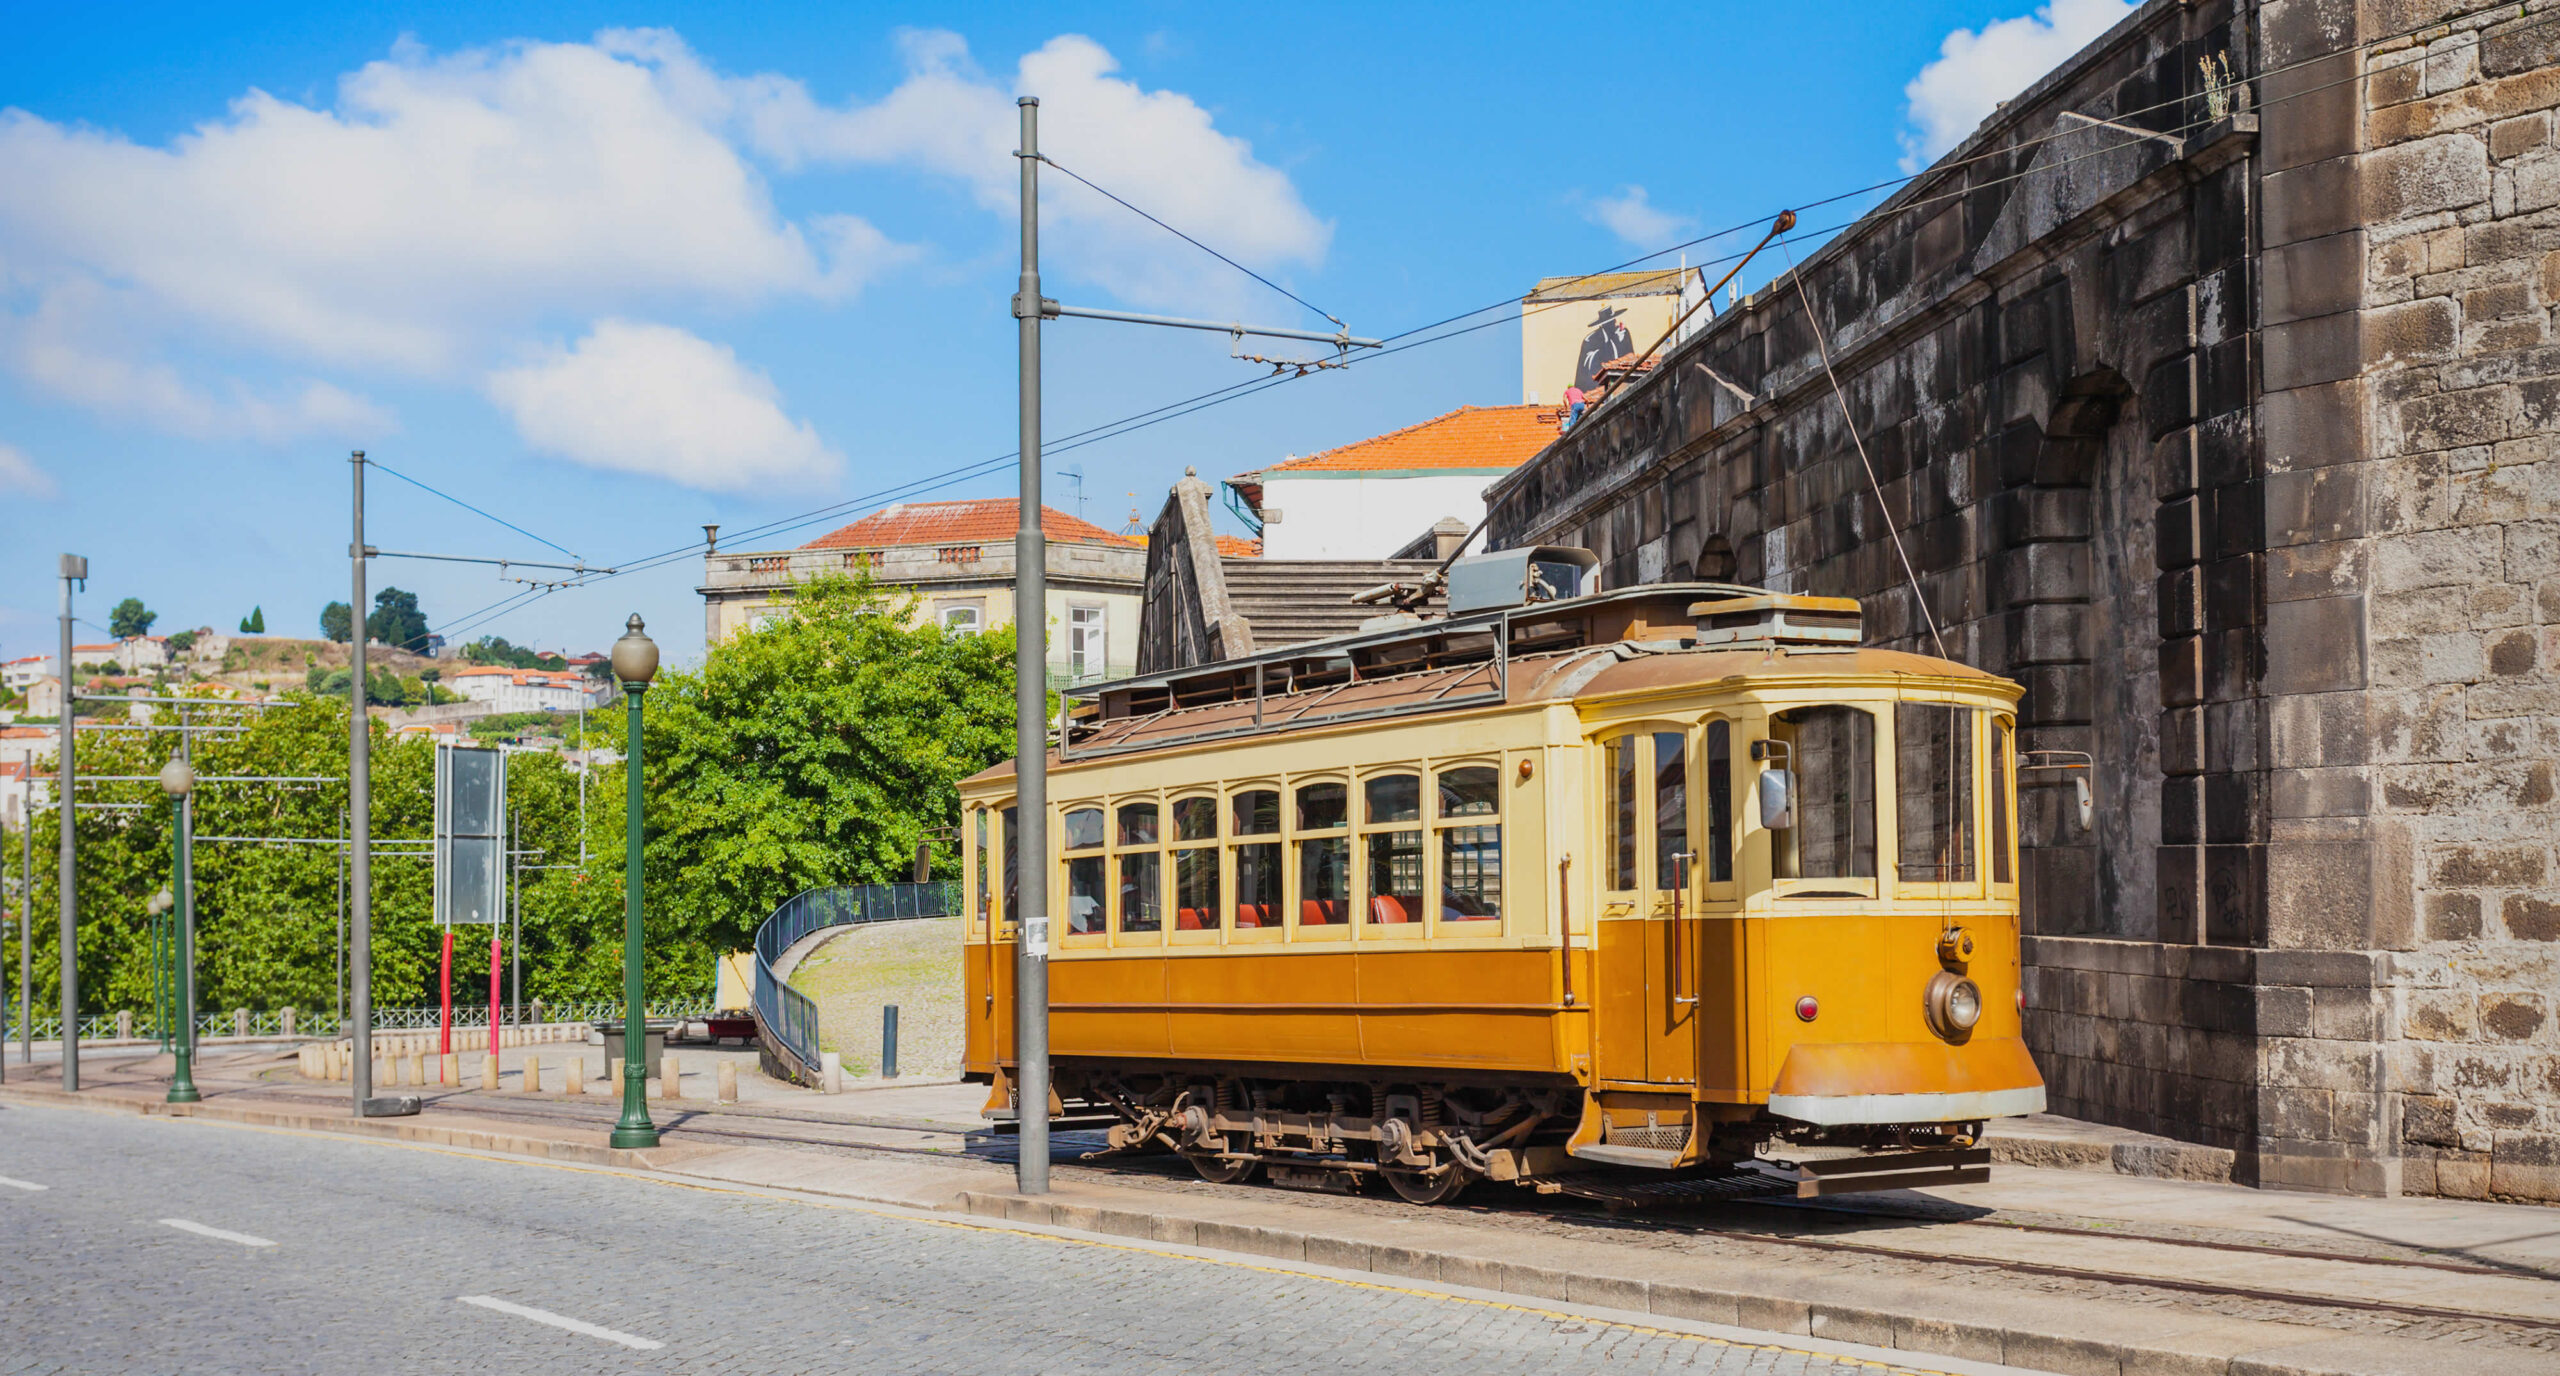 Stedentrip Porto: openbaar vervoer in Porto   Mooistestedentrips.nl